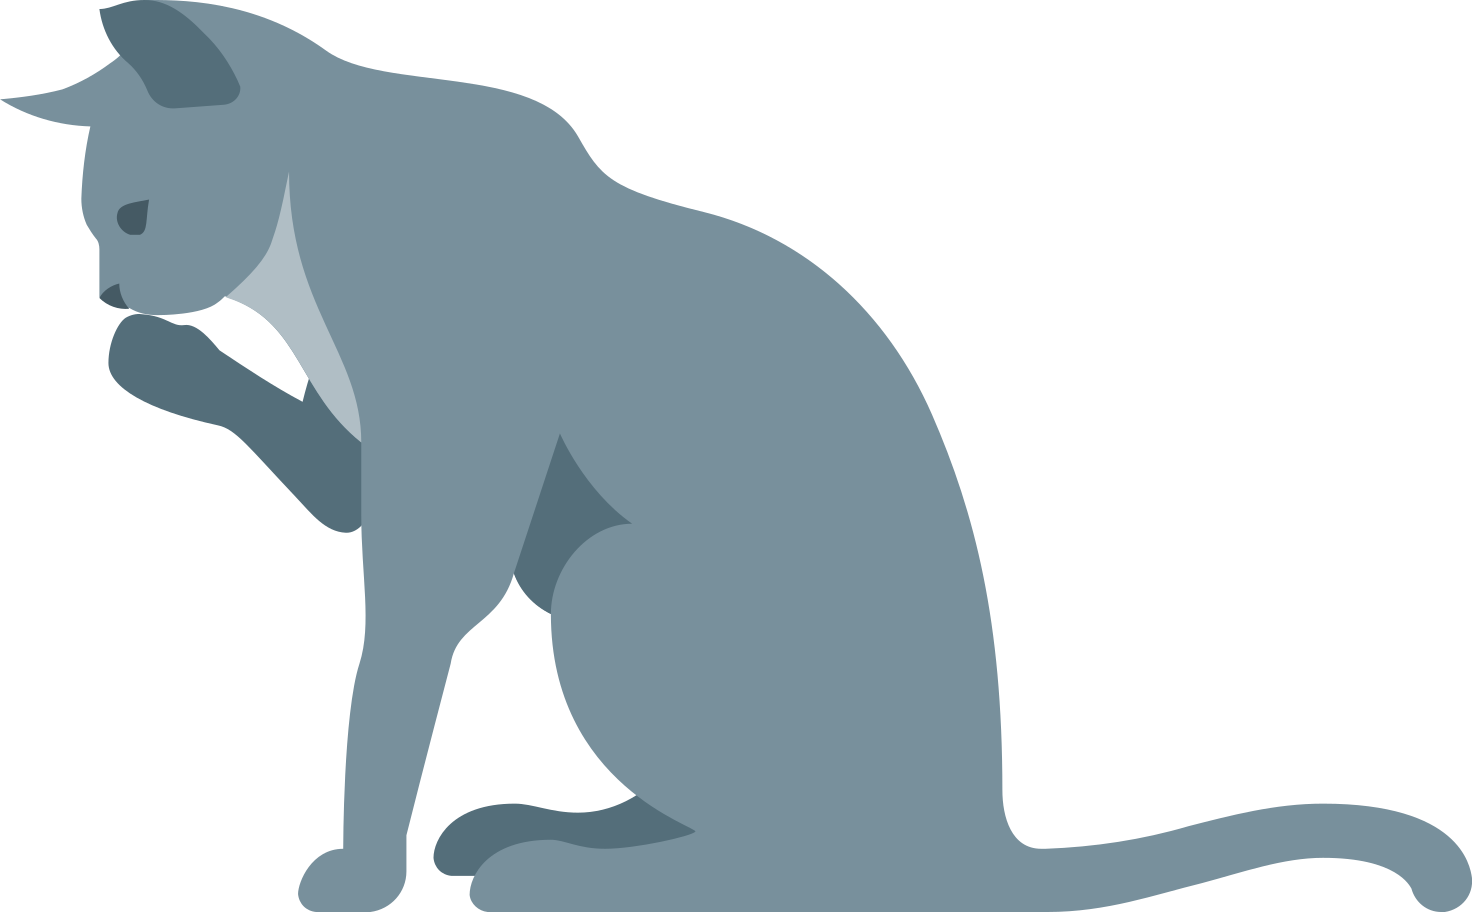 Katze grau Clipart-Grafik als PNG, SVG